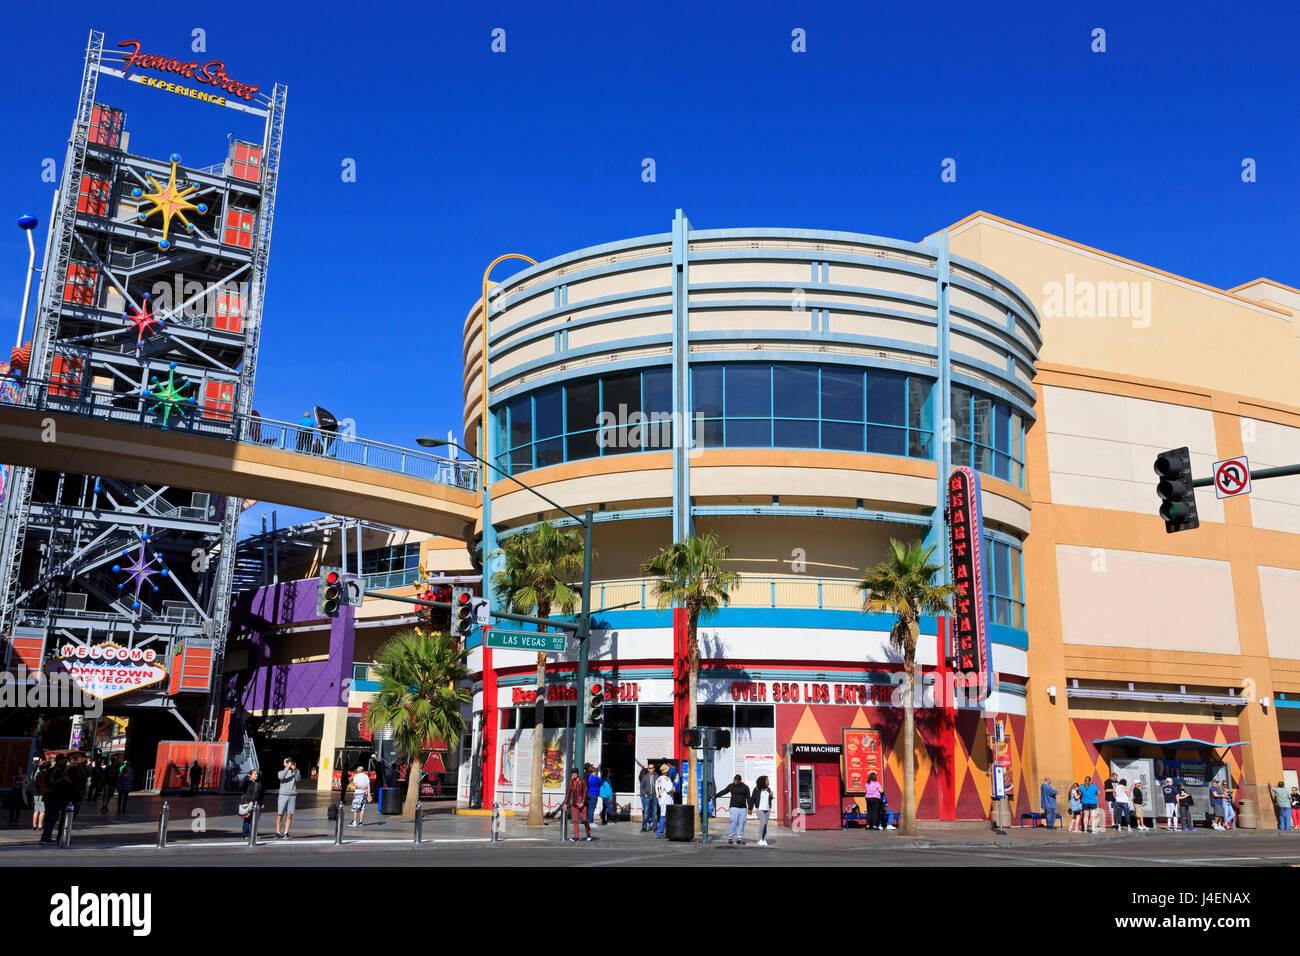 Fremont Street, Las Vegas, Nevada, États-Unis d'Amérique, Amérique du Nord Photo Stock